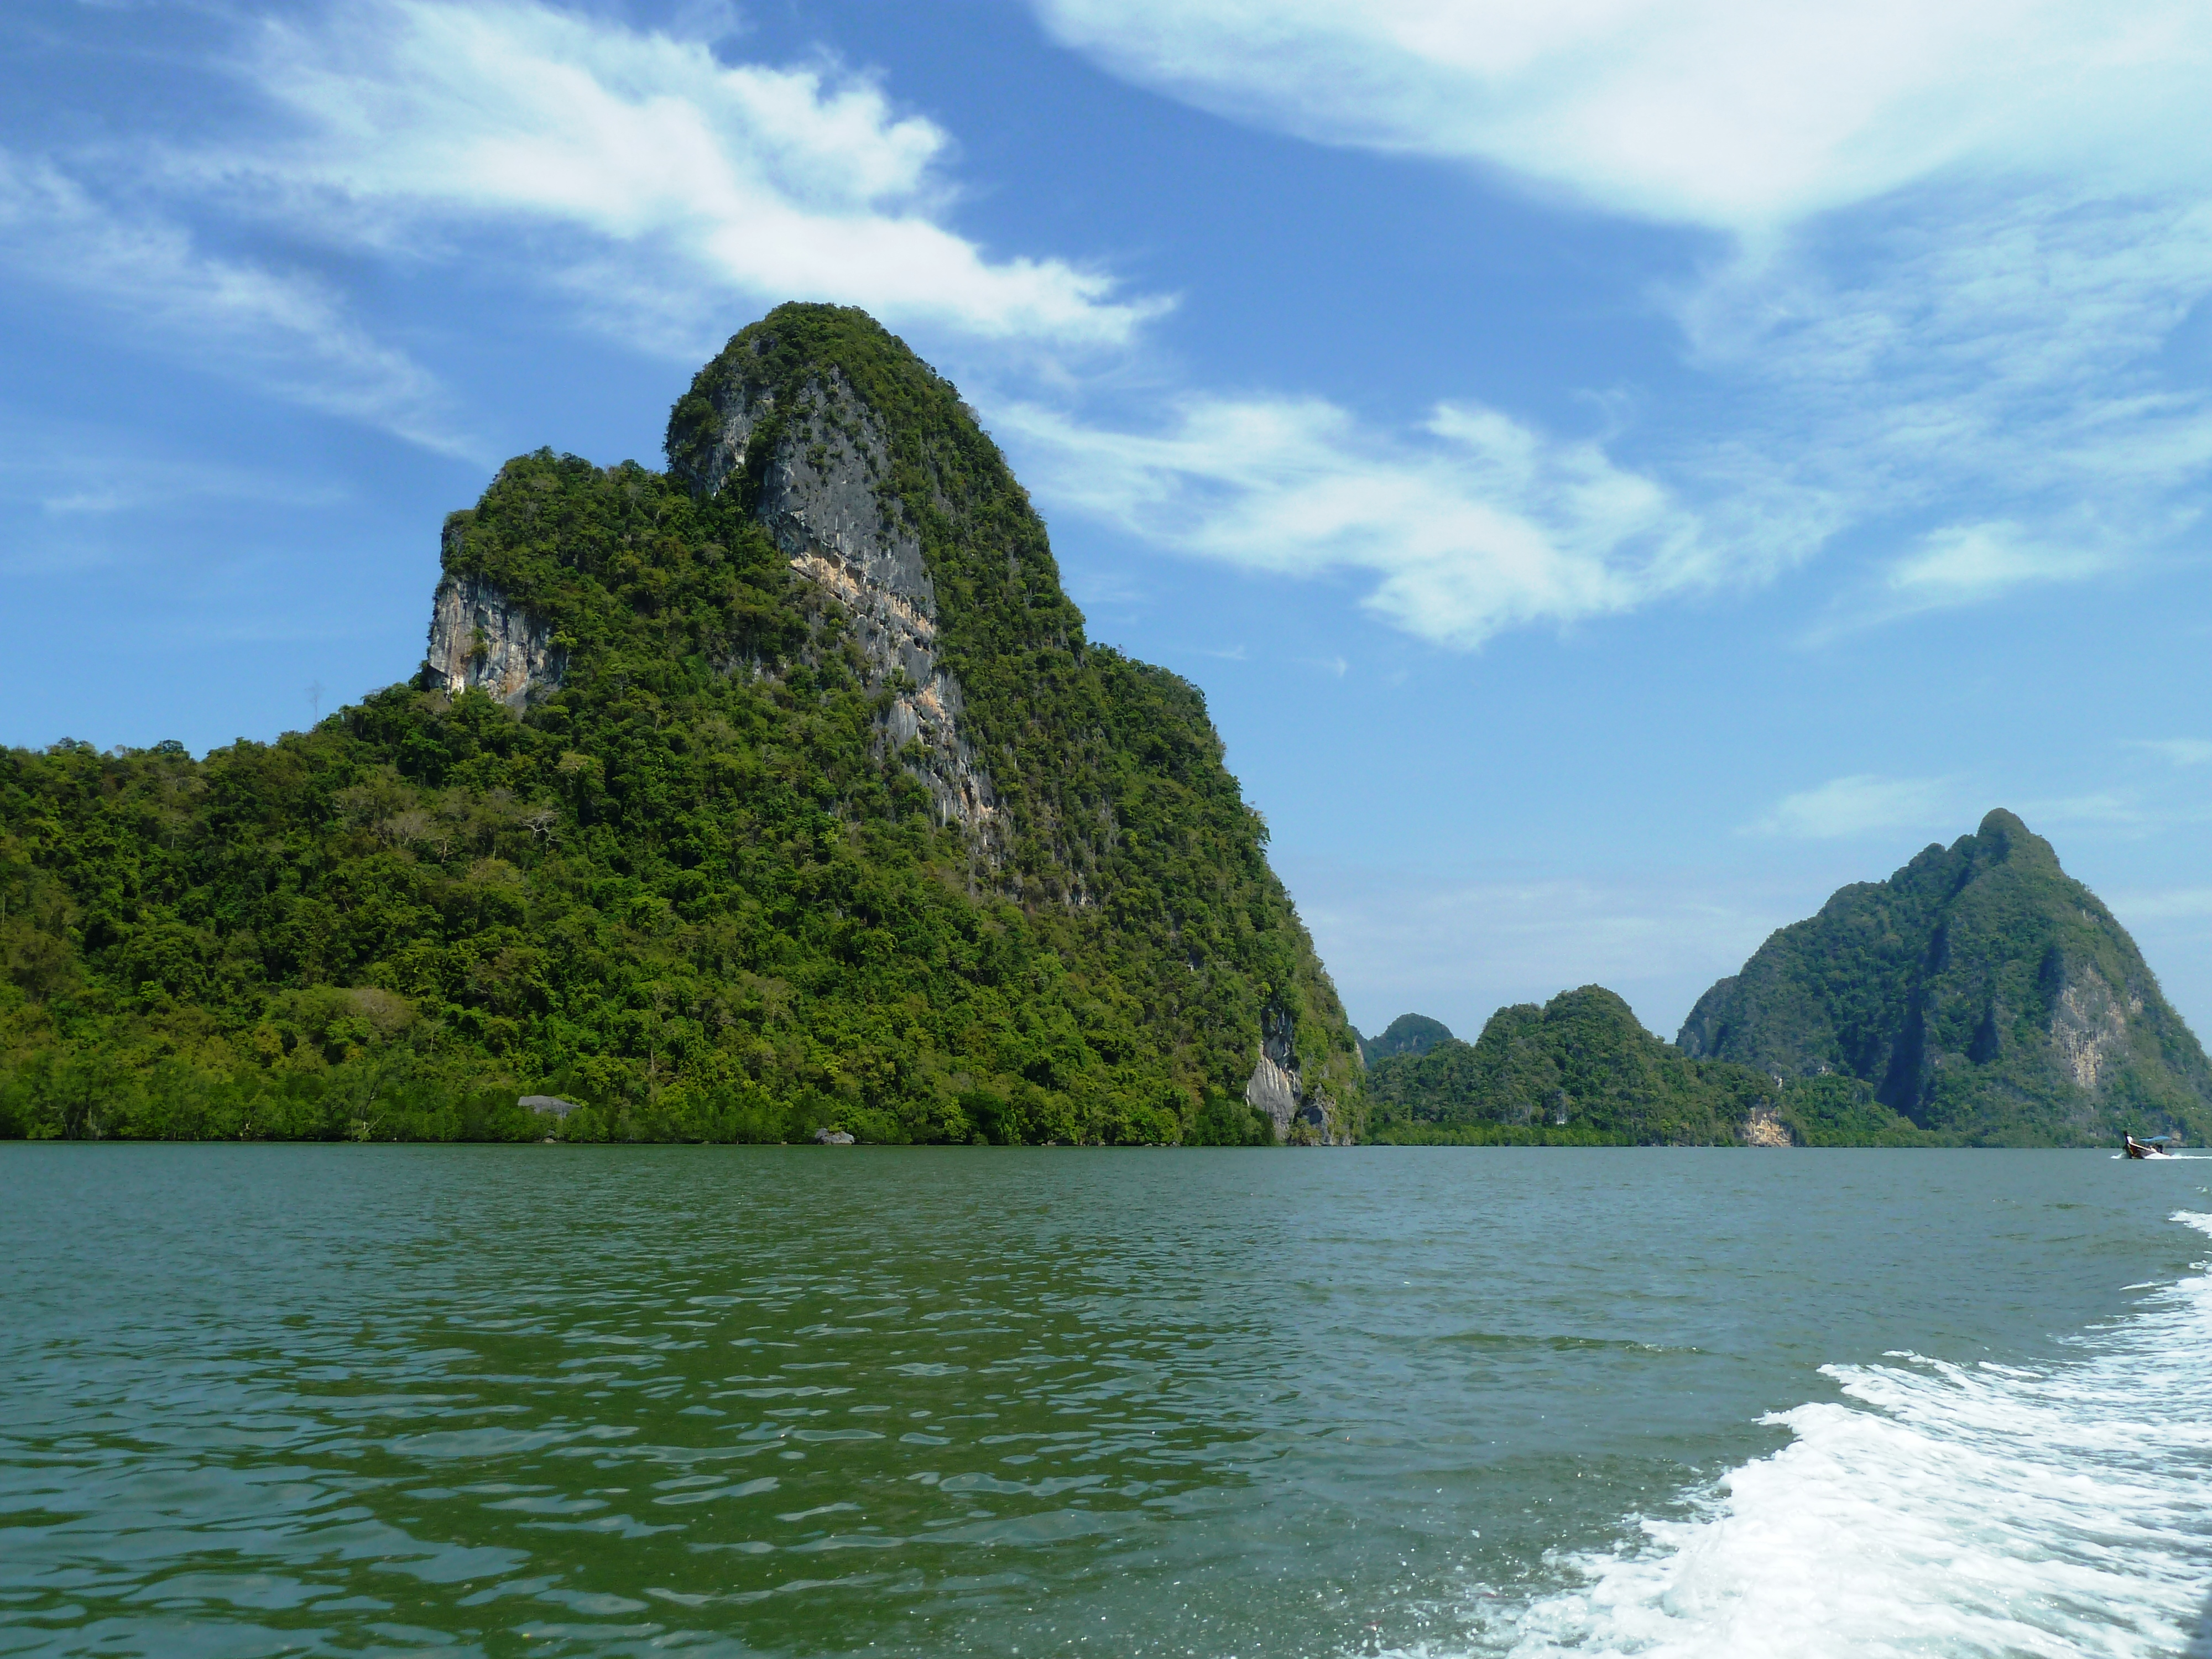 File:Ao Phang Nga National Park P1120274.JPG